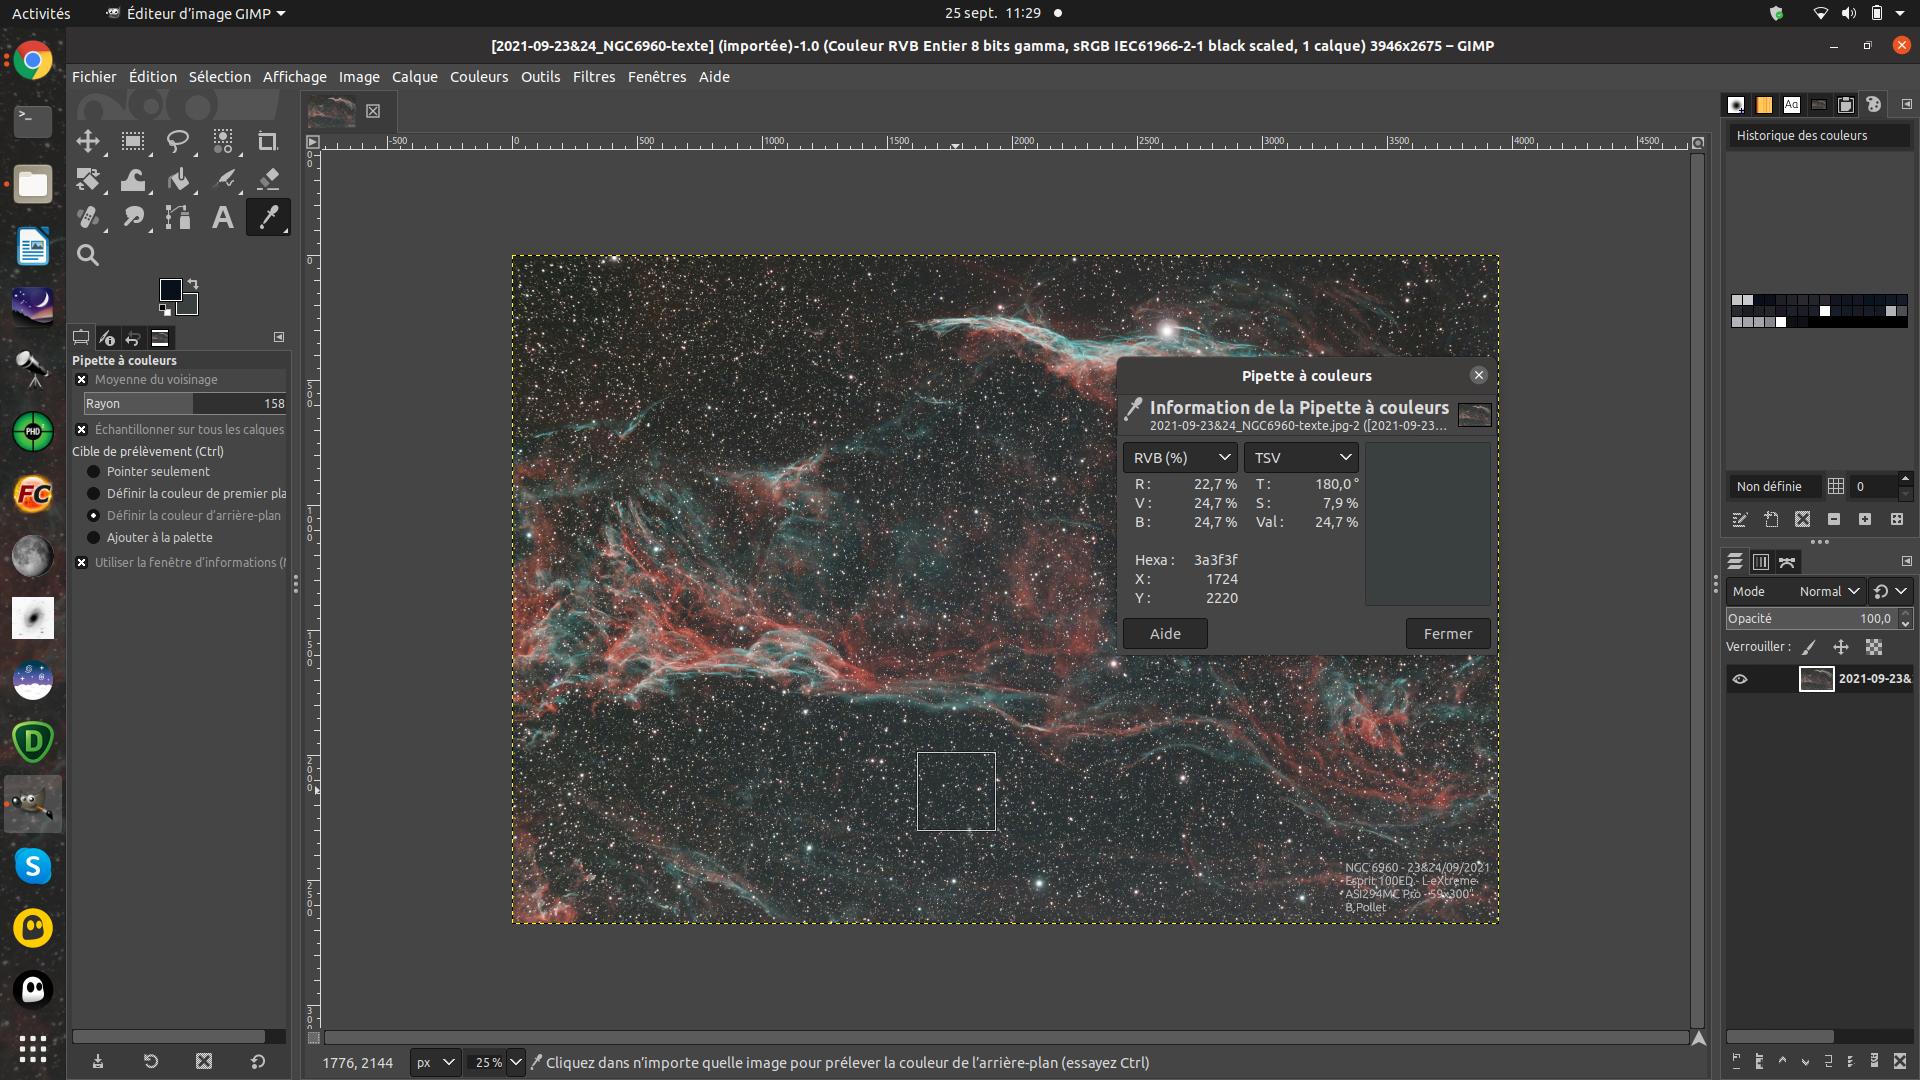 Capture d'écran de 2021-09-25 11-29-43.png